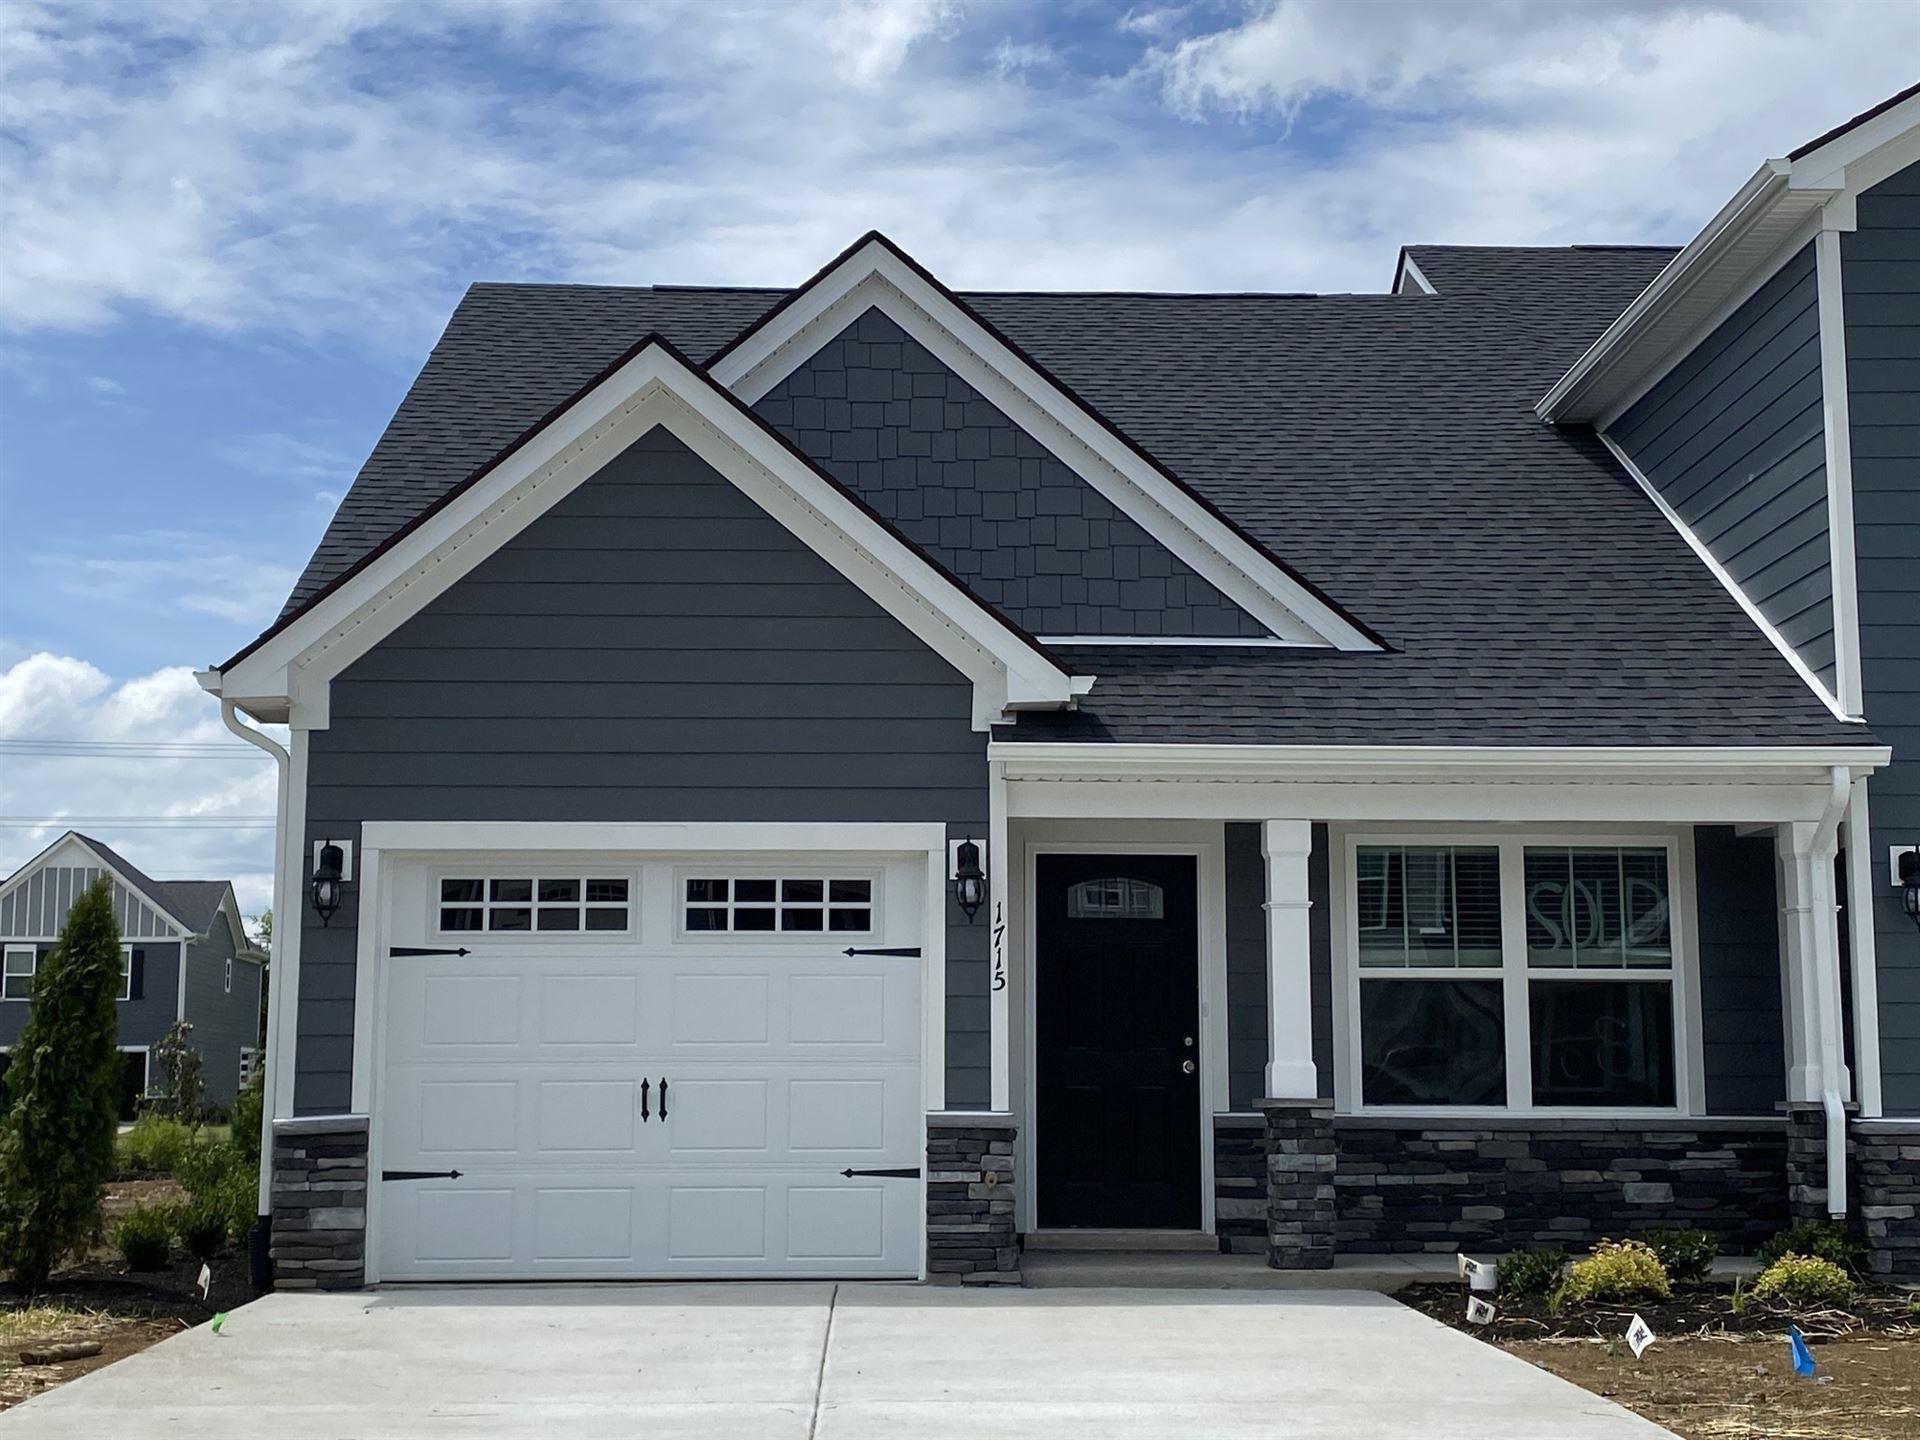 3204 Saleerno Court Lot 11 #11, Murfreesboro, TN 37129 - MLS#: 2262537